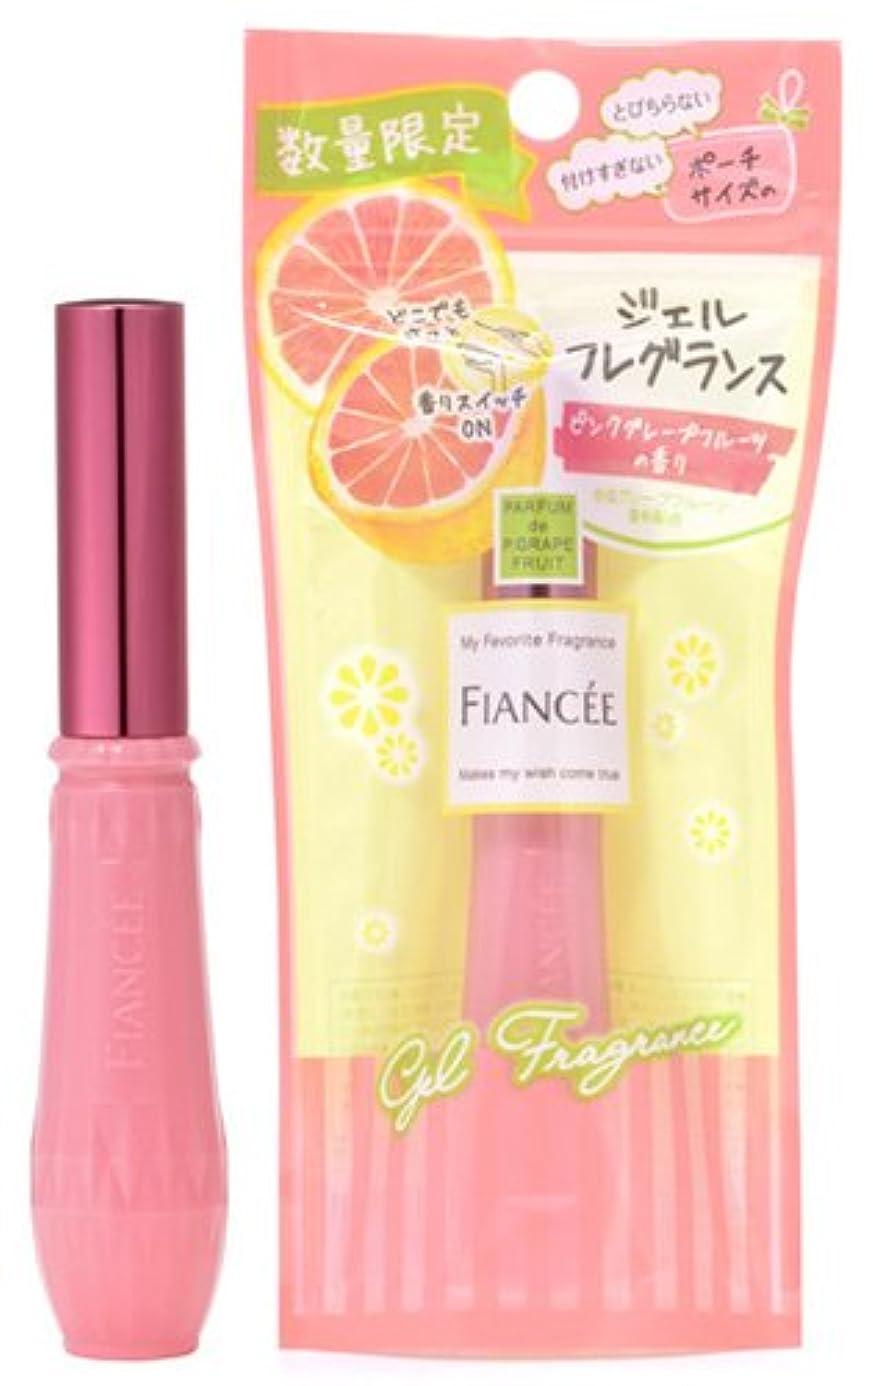 ショートカット引き出しクローゼットフィアンセ ジェルフレグランス ピンクグレープフルーツの香り